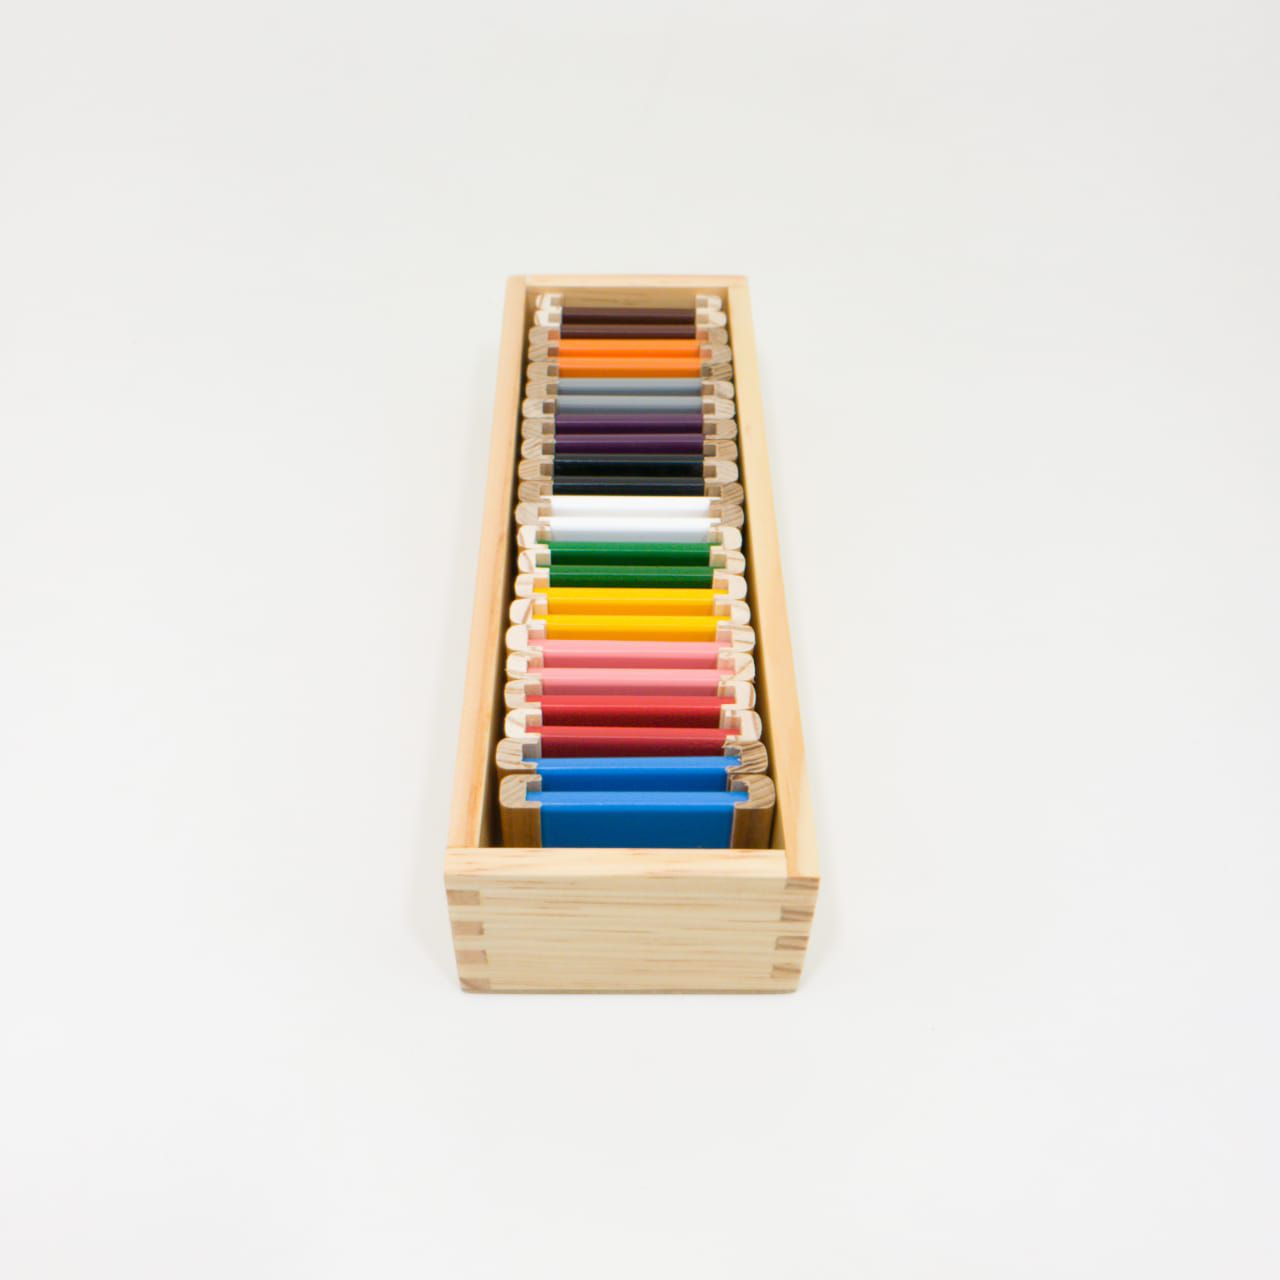 Segunda Caixa de Cores Montessori